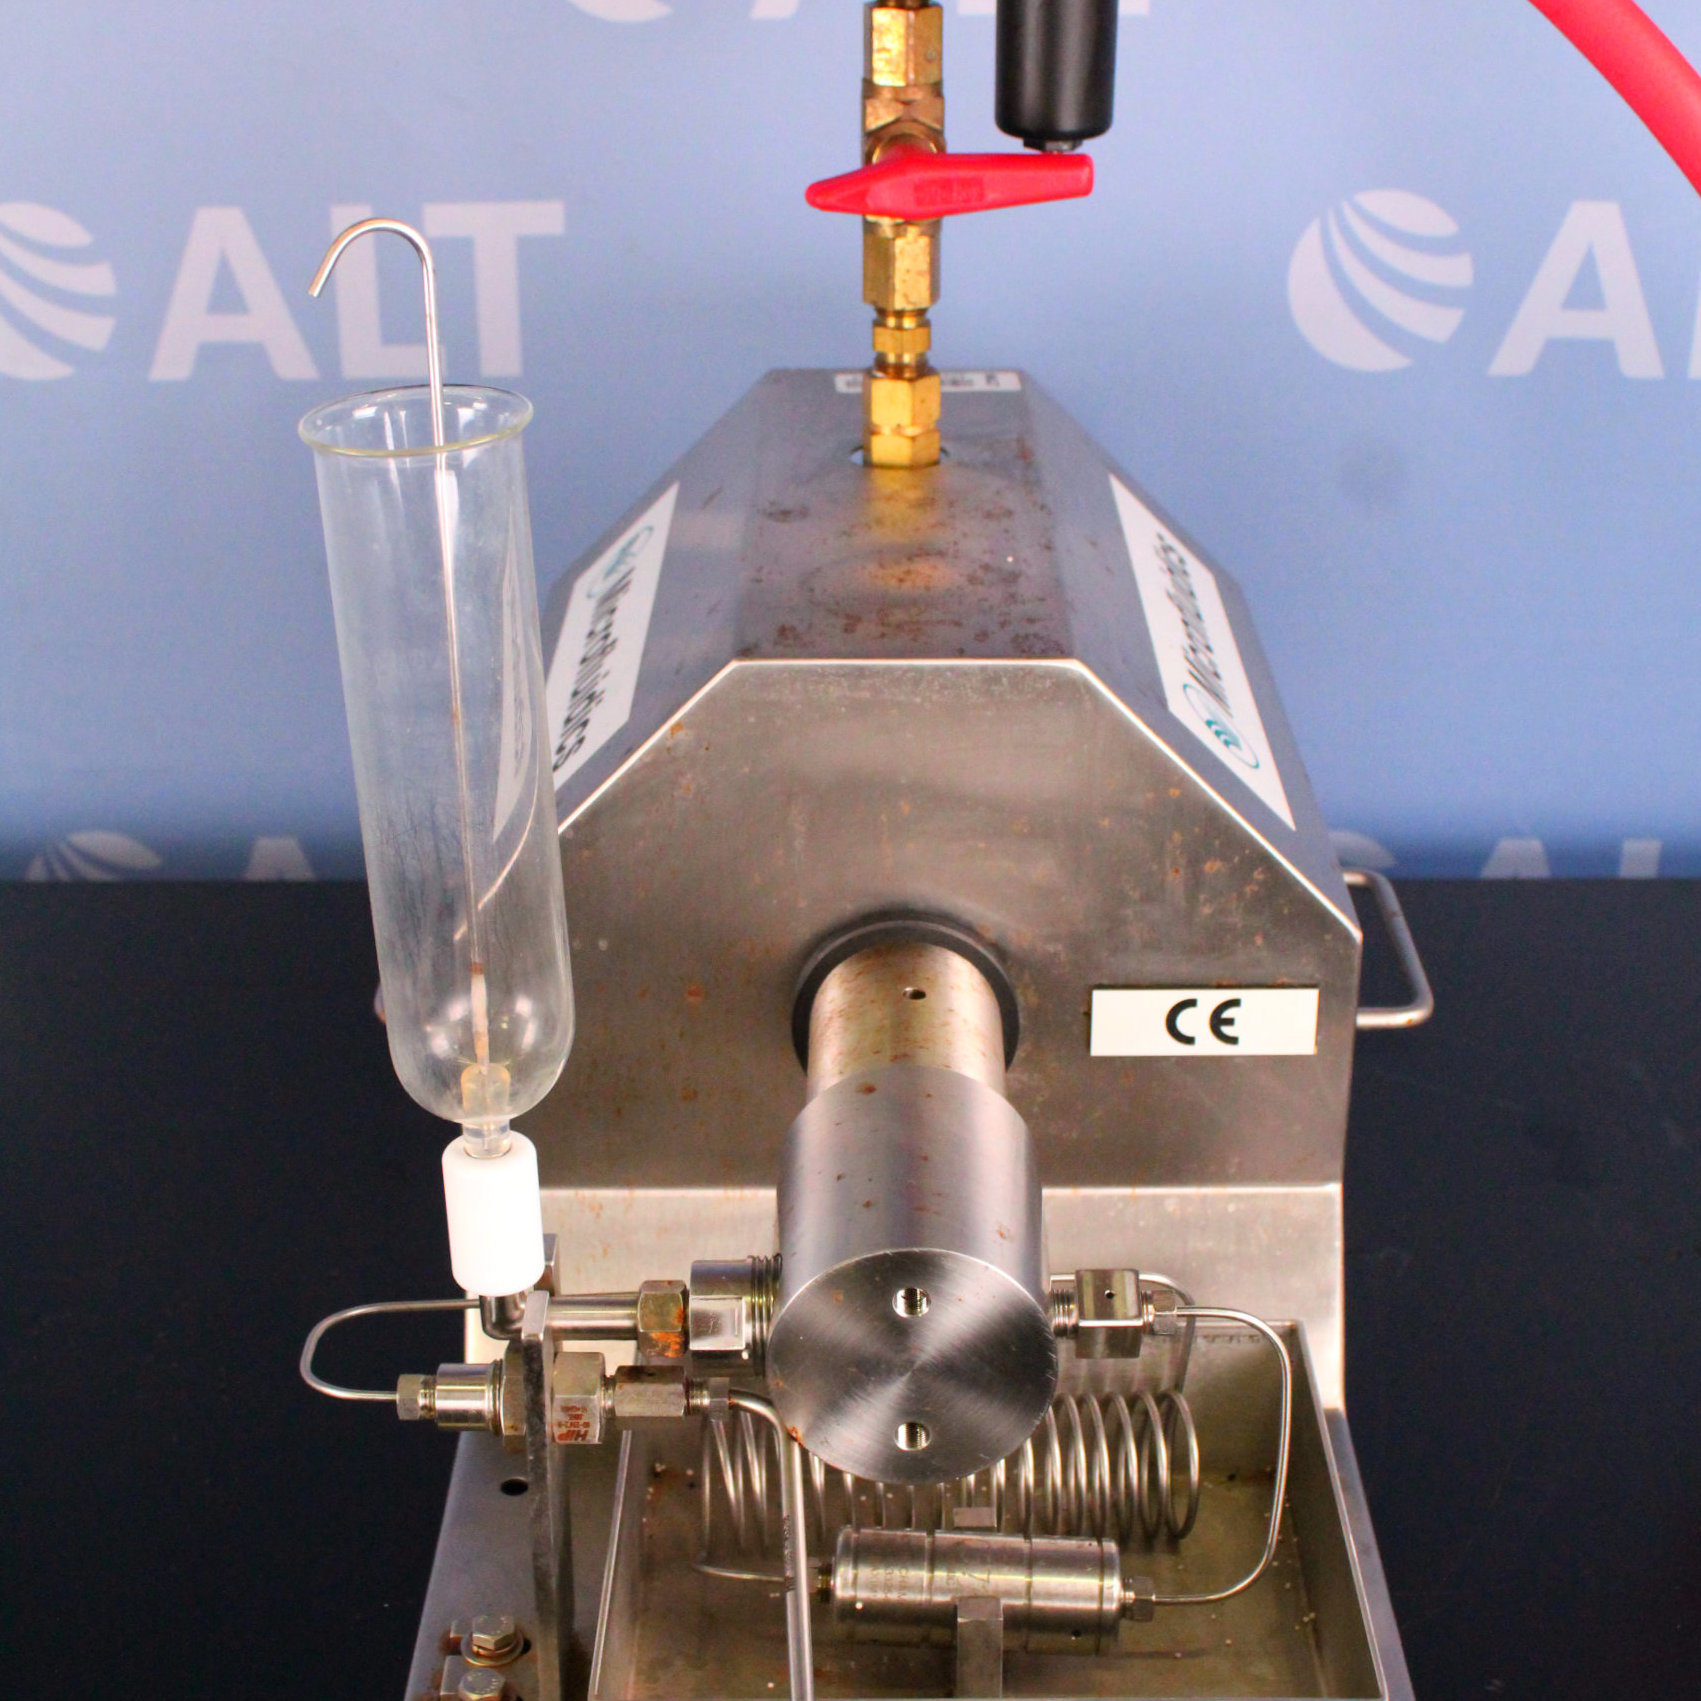 Microfluidics M-110L Microfluidizer Processor Image